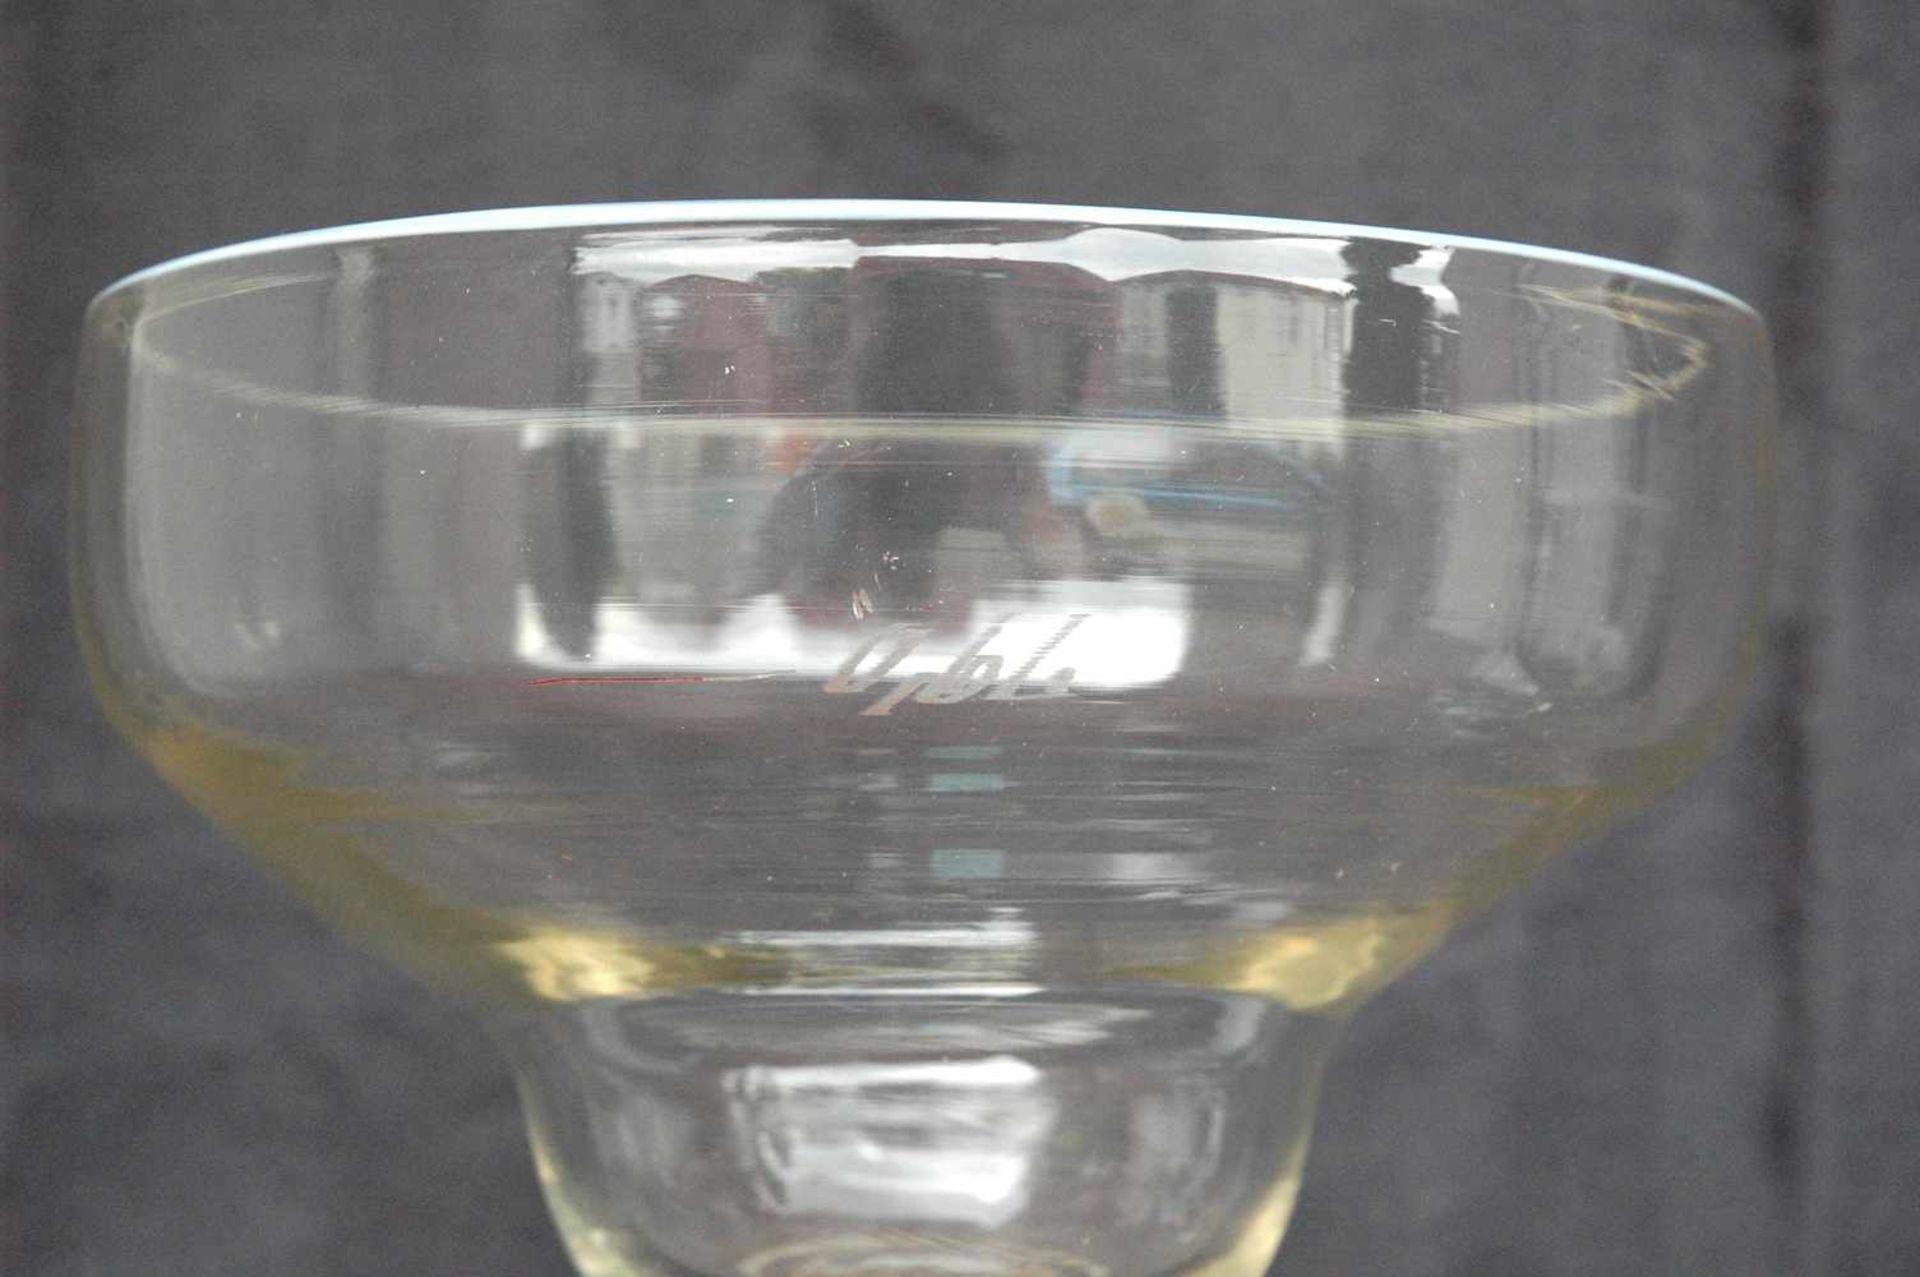 Biedermeier-Glas: Fußschale mit weißem Emaille-Rand,h= 23,5 cm, Dm. Kelch= 18,5 cm - Bild 3 aus 4